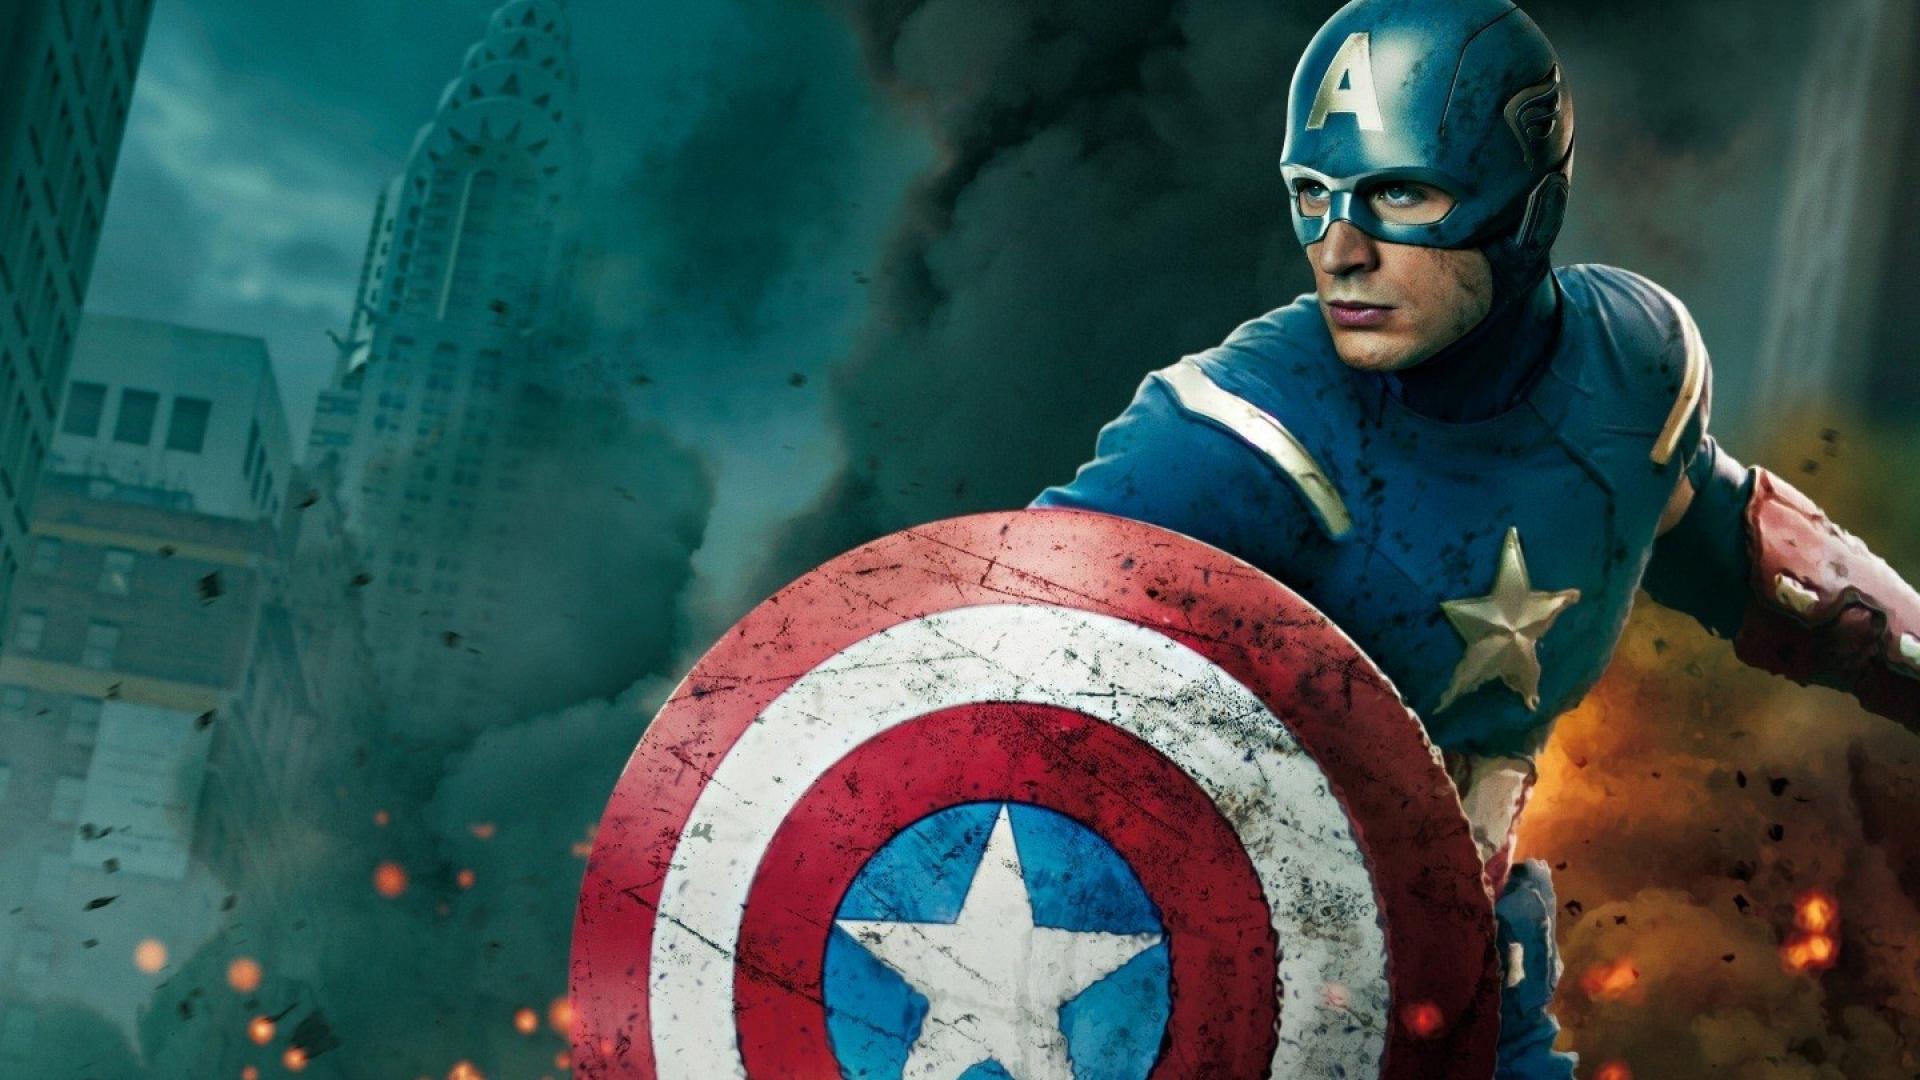 1920x1080 Captain America chris evans the avengers (Movie) hình nền siêu anh hùng